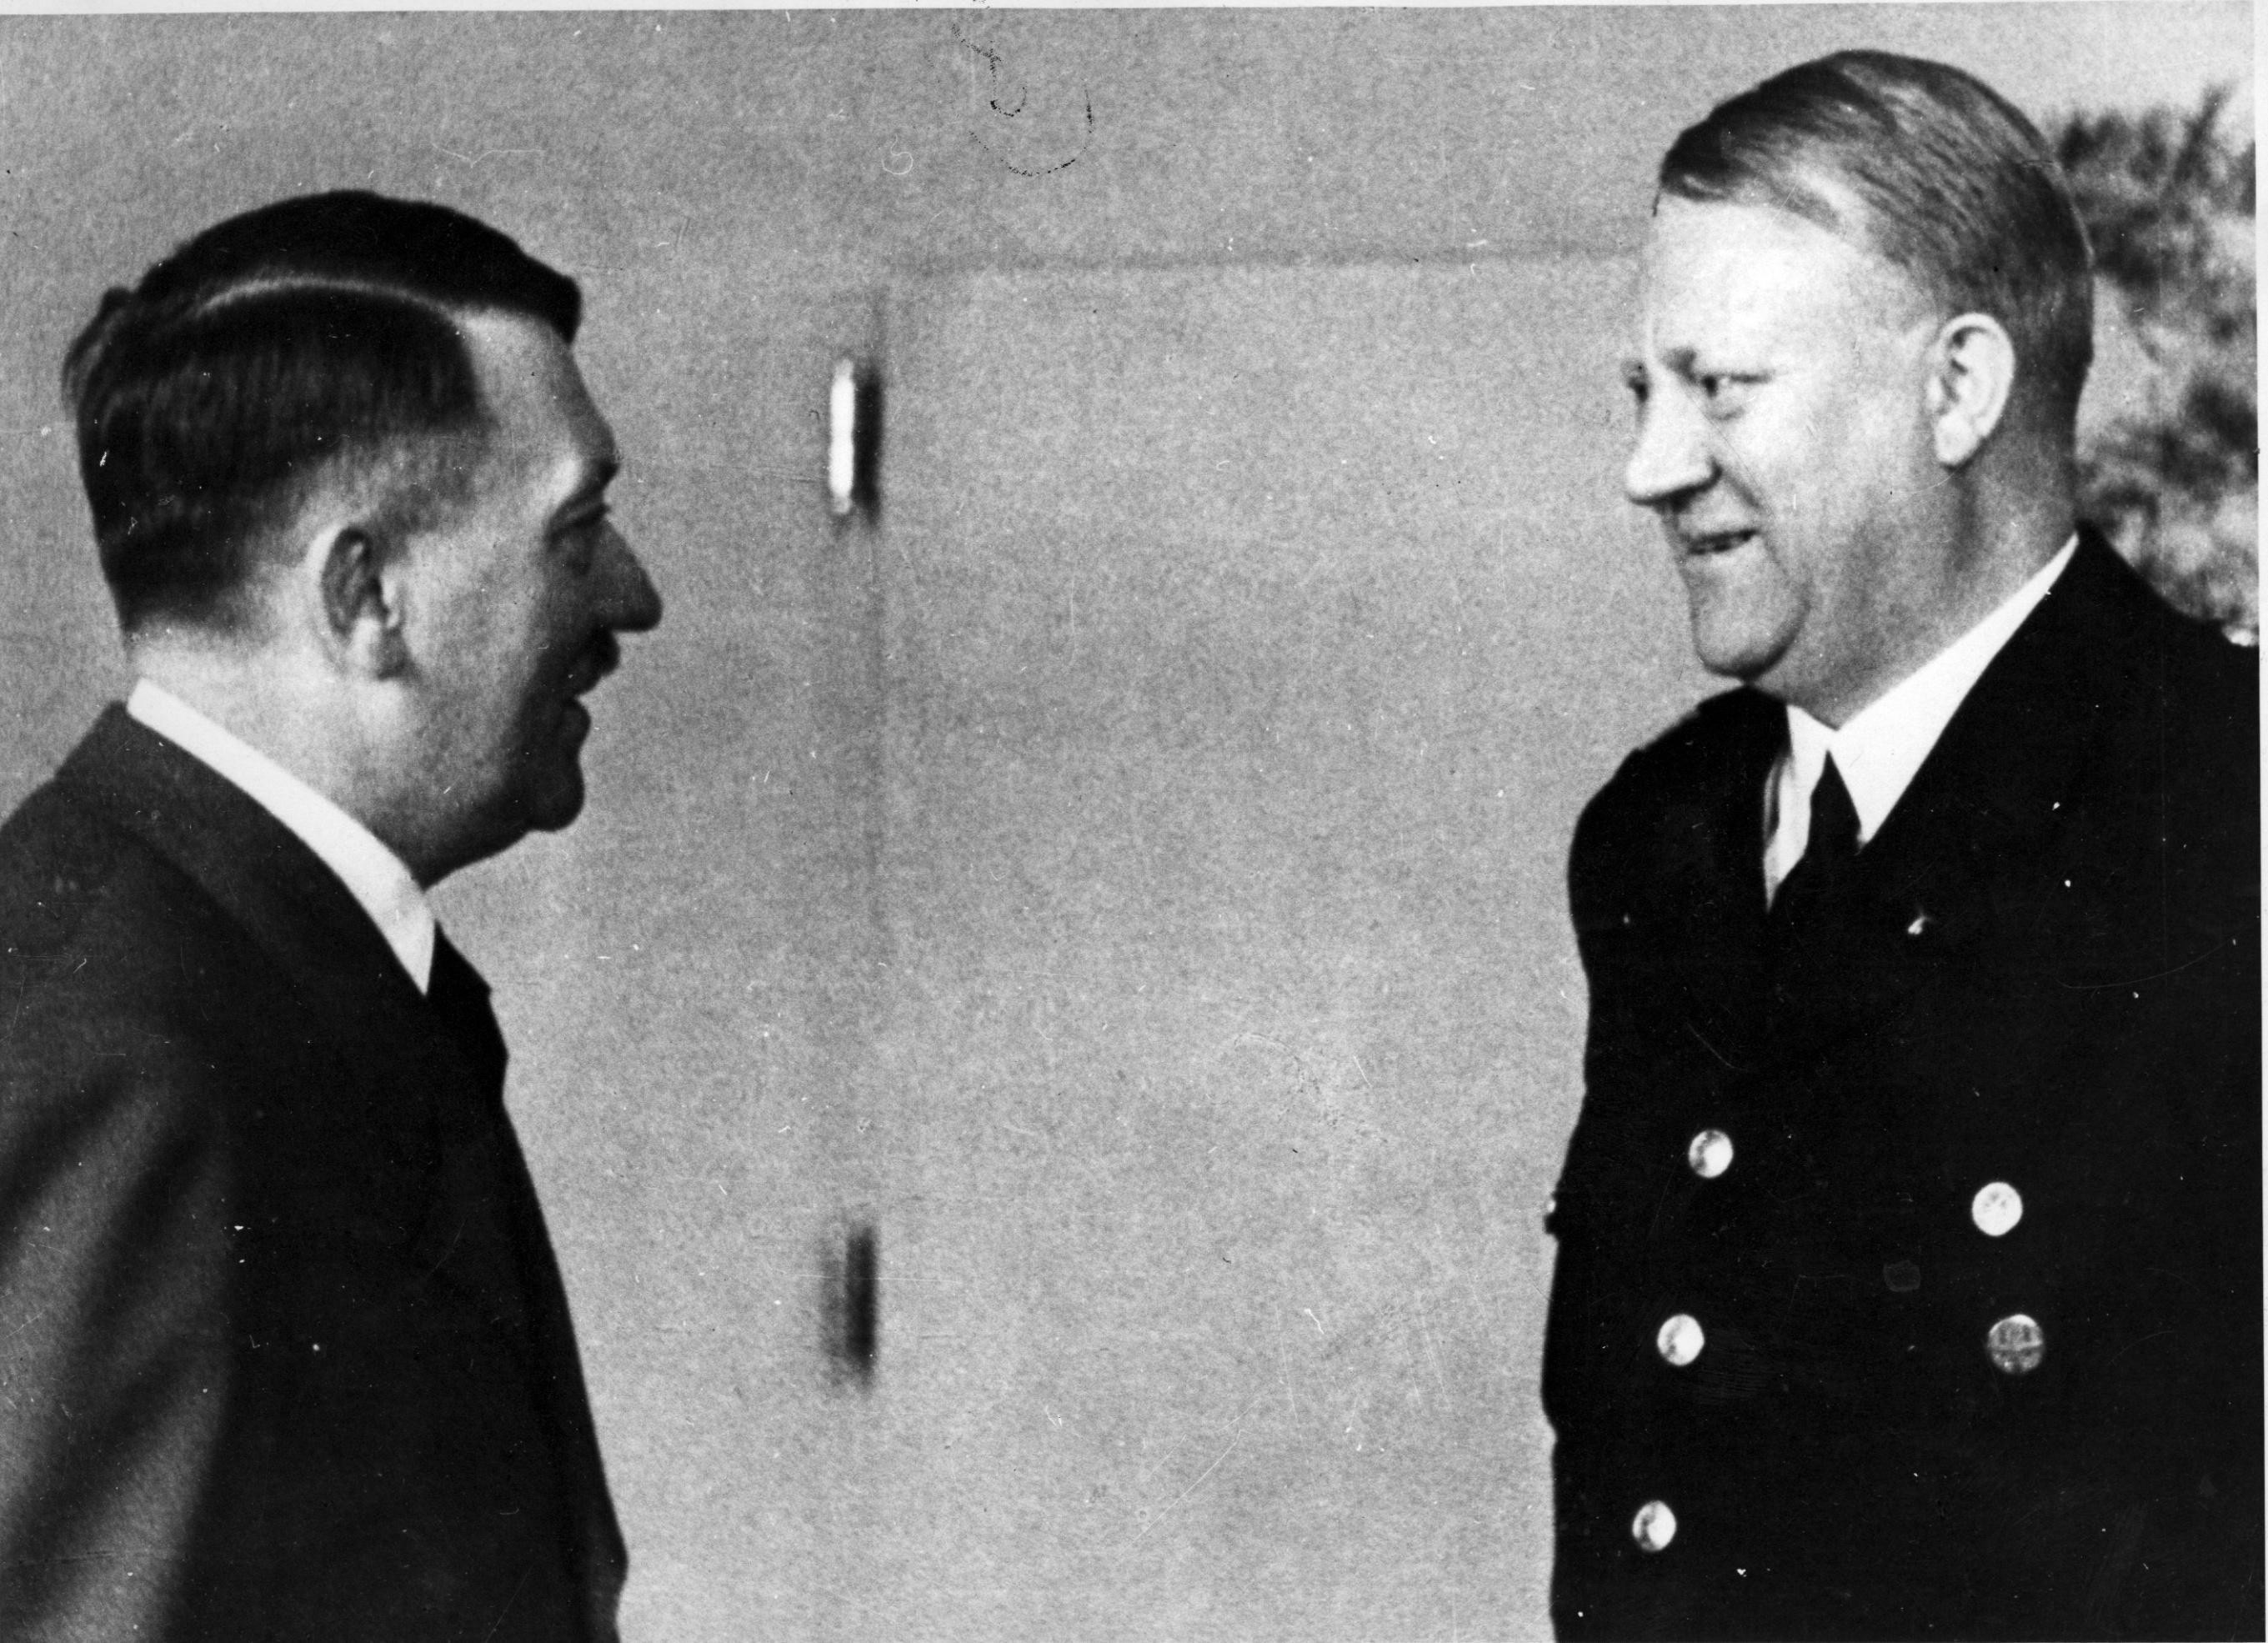 VEST-VIKEN: Nasjonal Samlings fører Vidkun Quisling møtte Adolf Hitler 19. april 1943. Før det hadde han døpt to NS-områder for Øst-Viken og Vest-Viken.